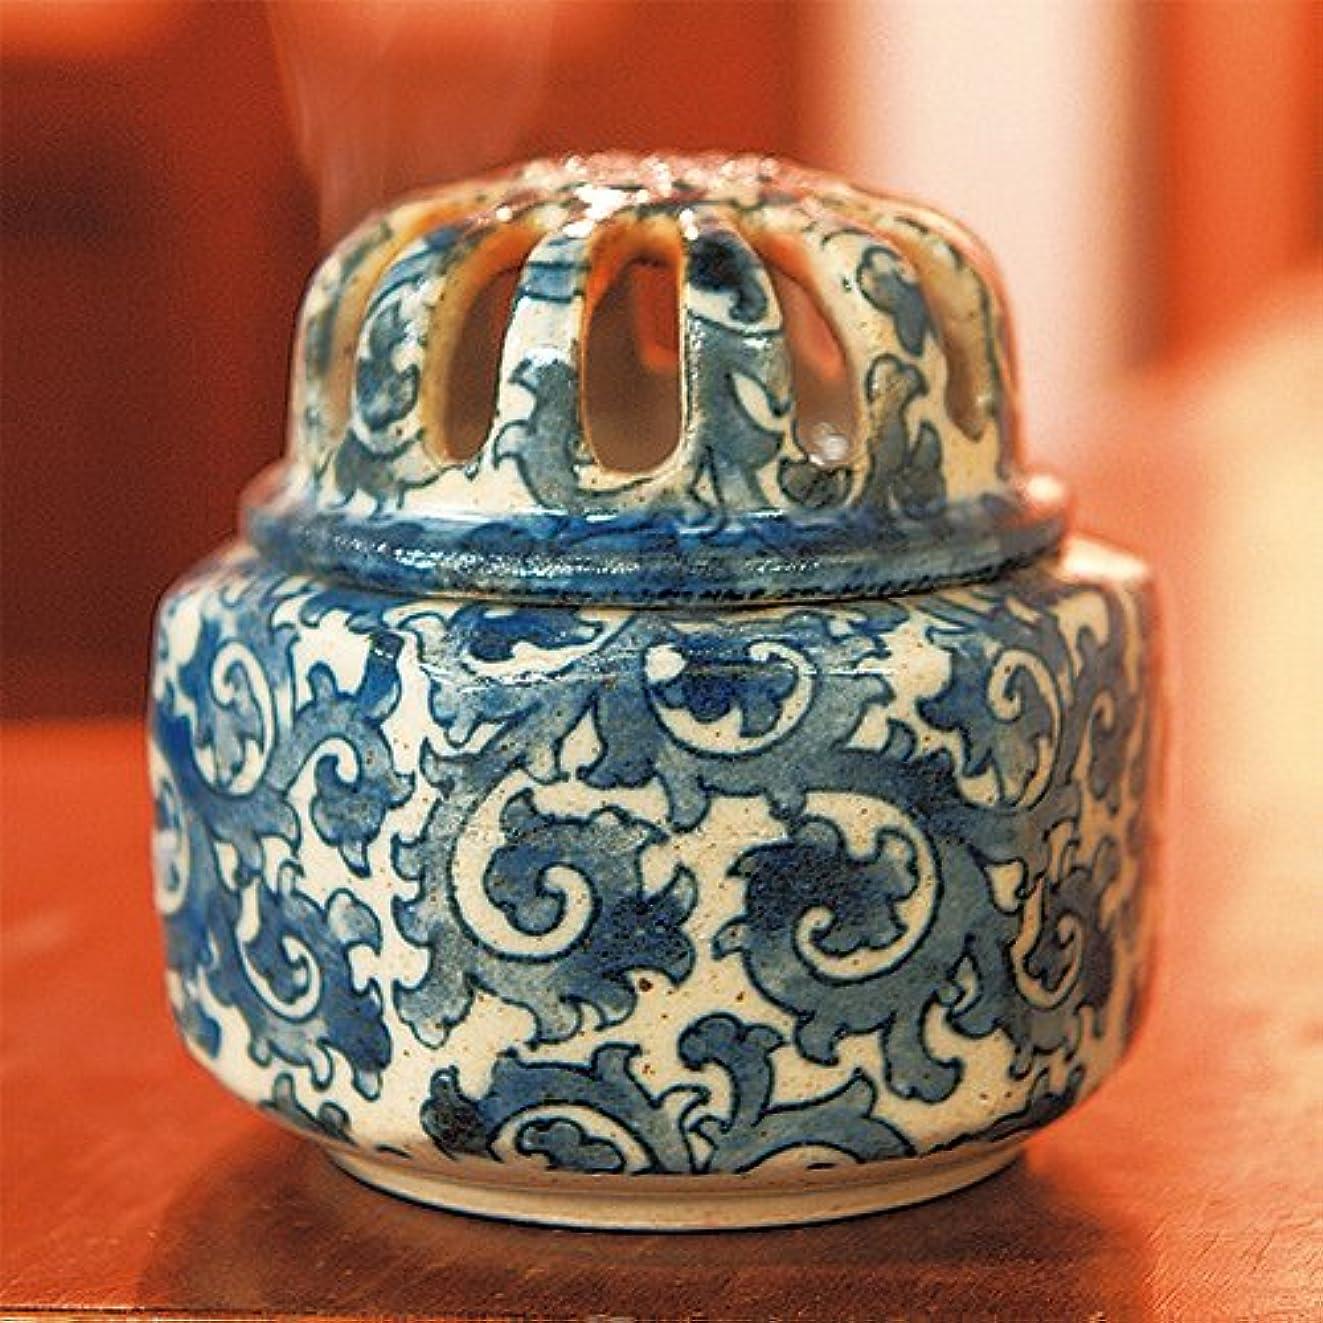 移行する途方もない小間香炉 土物 タコ唐草 福香炉 [R8.8xH8.7cm] プレゼント ギフト 和食器 かわいい インテリア